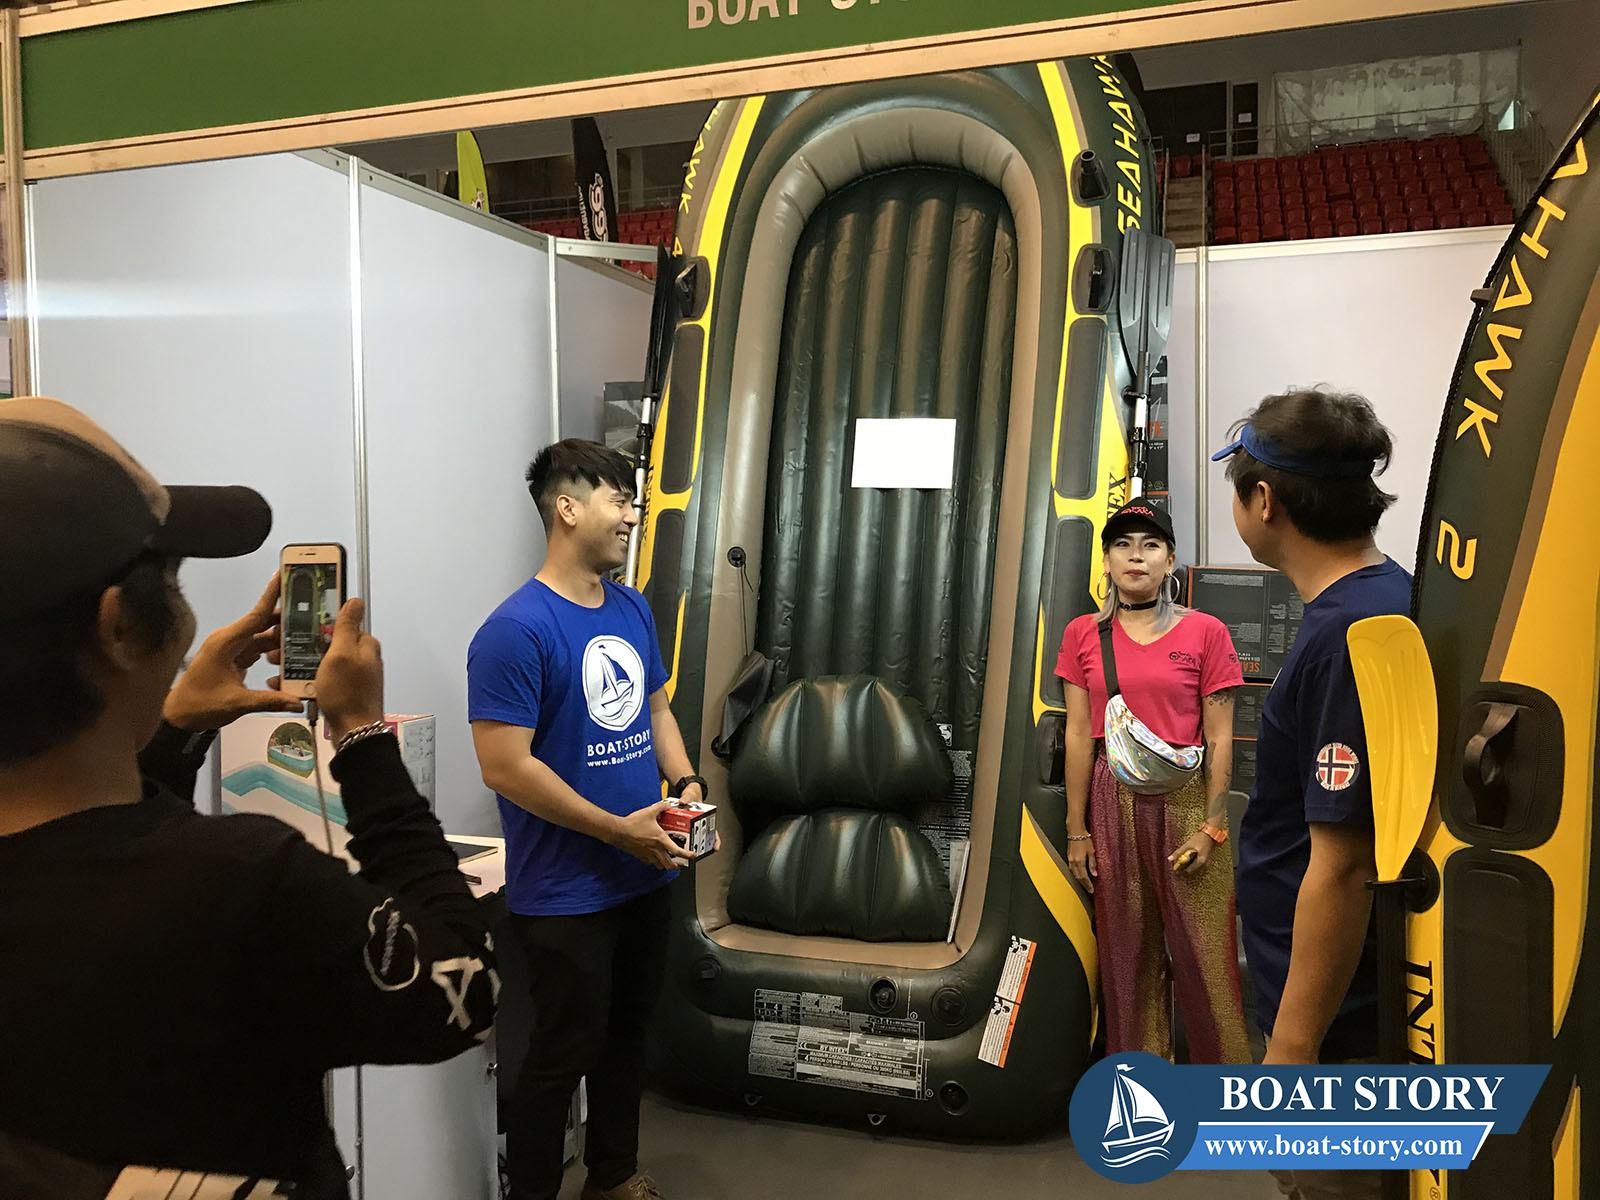 เรือยาง Intex Boat Story